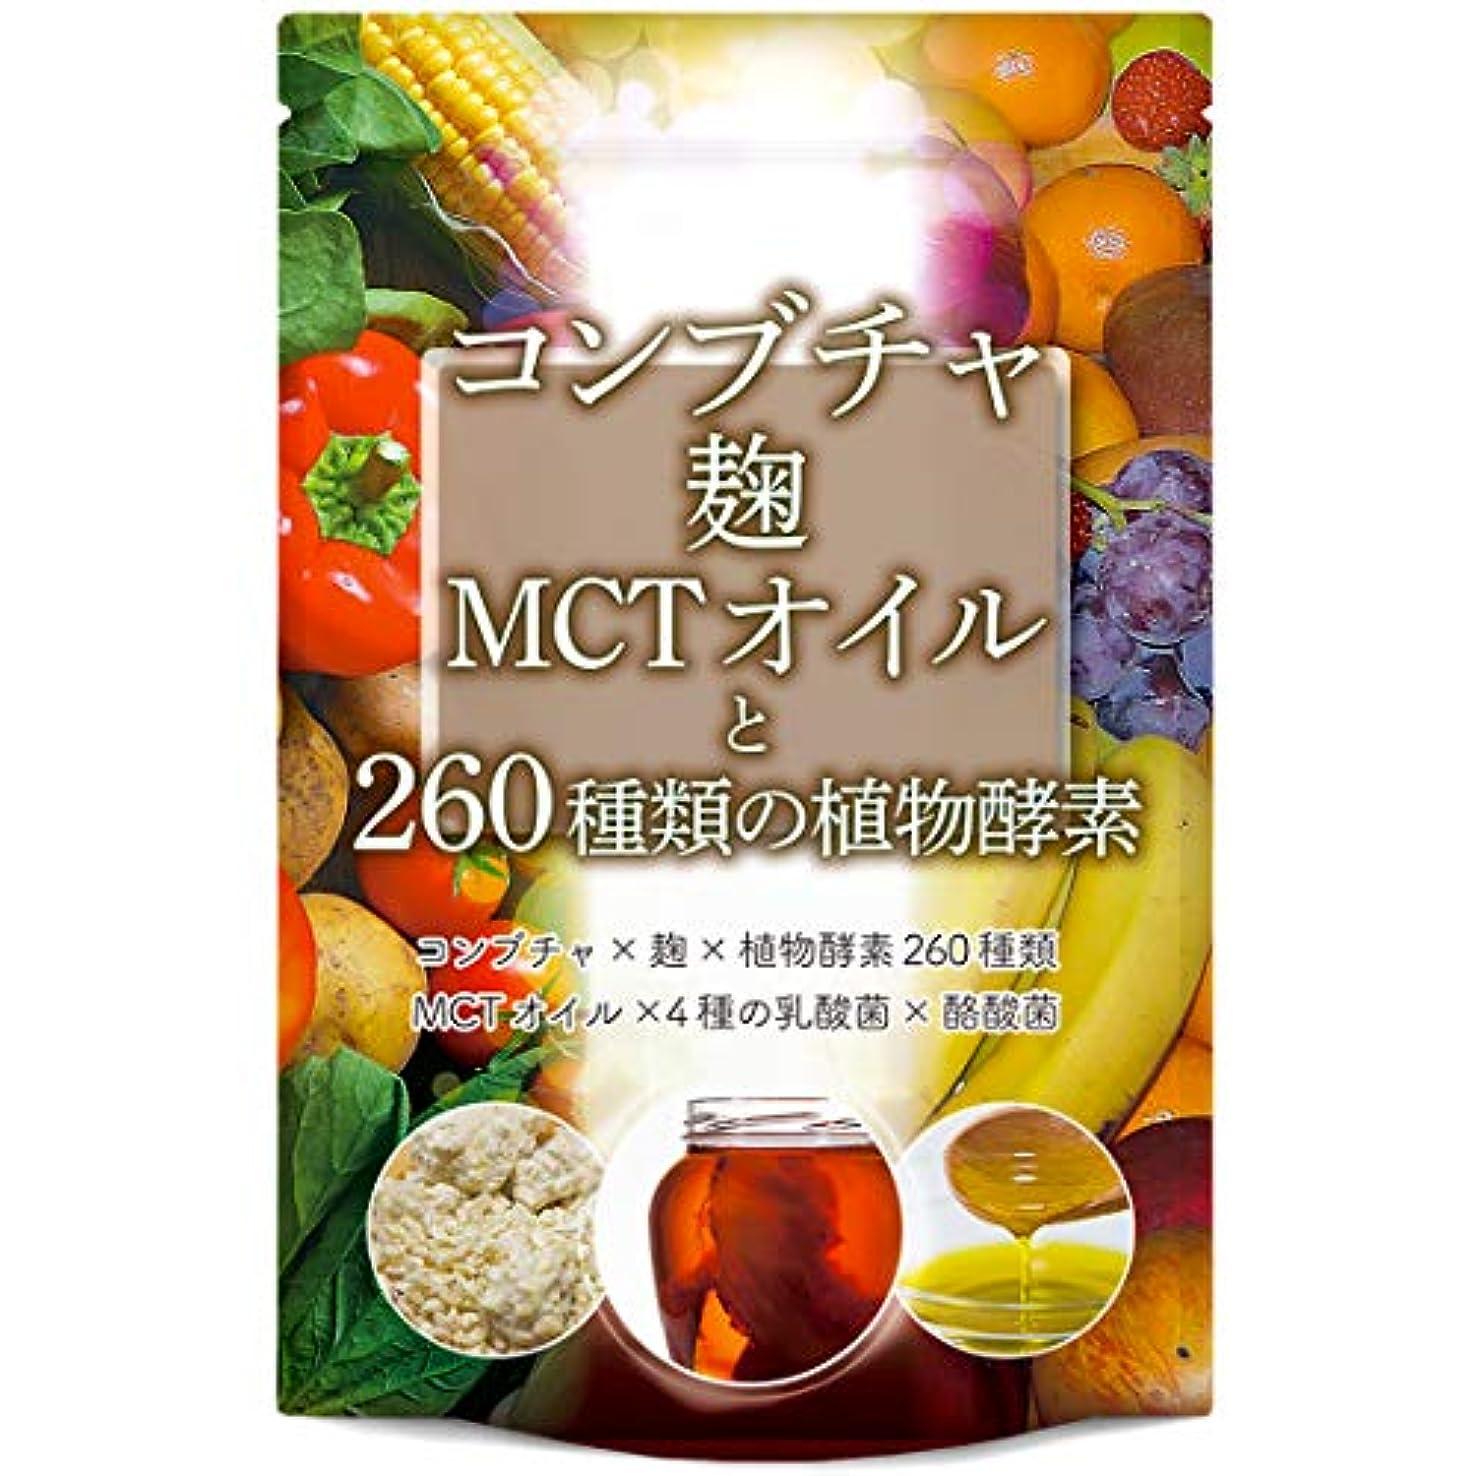 想像する象従者コンブチャ 麹 MCTオイル 260種類の植物酵素 ダイエット サプリメント 30粒 30日分